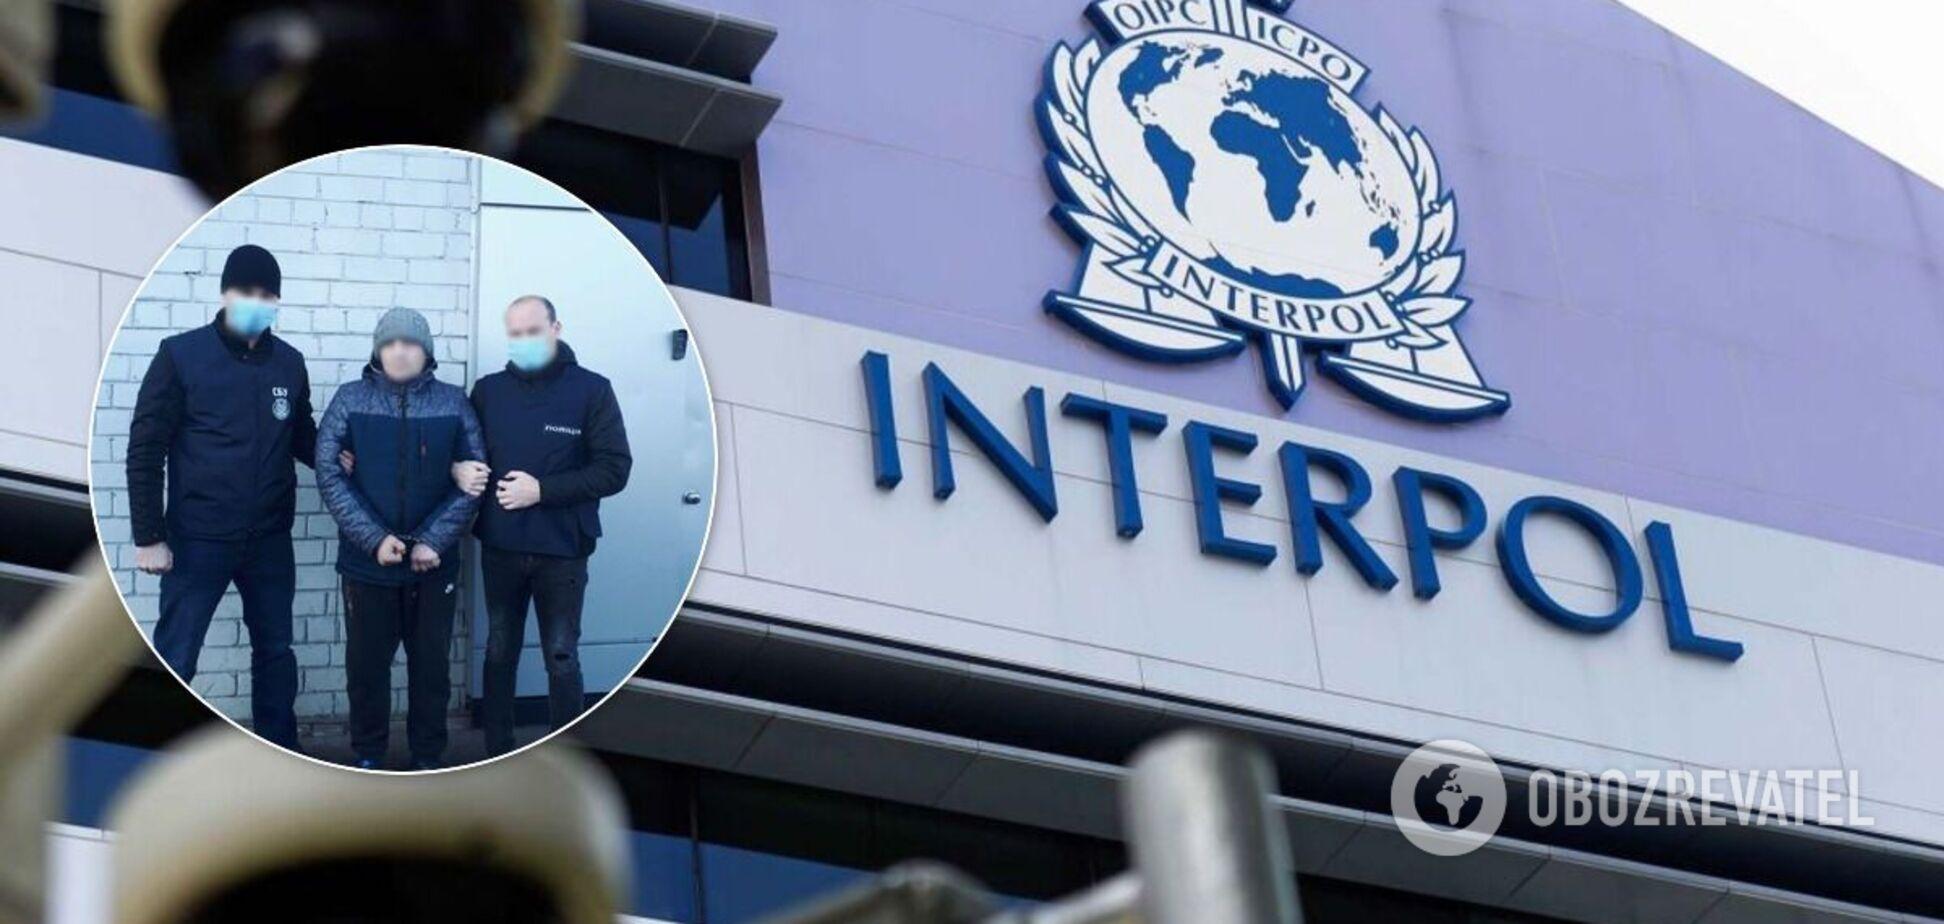 На Харківщині затримали іноземця з бази Інтерполу. Фото